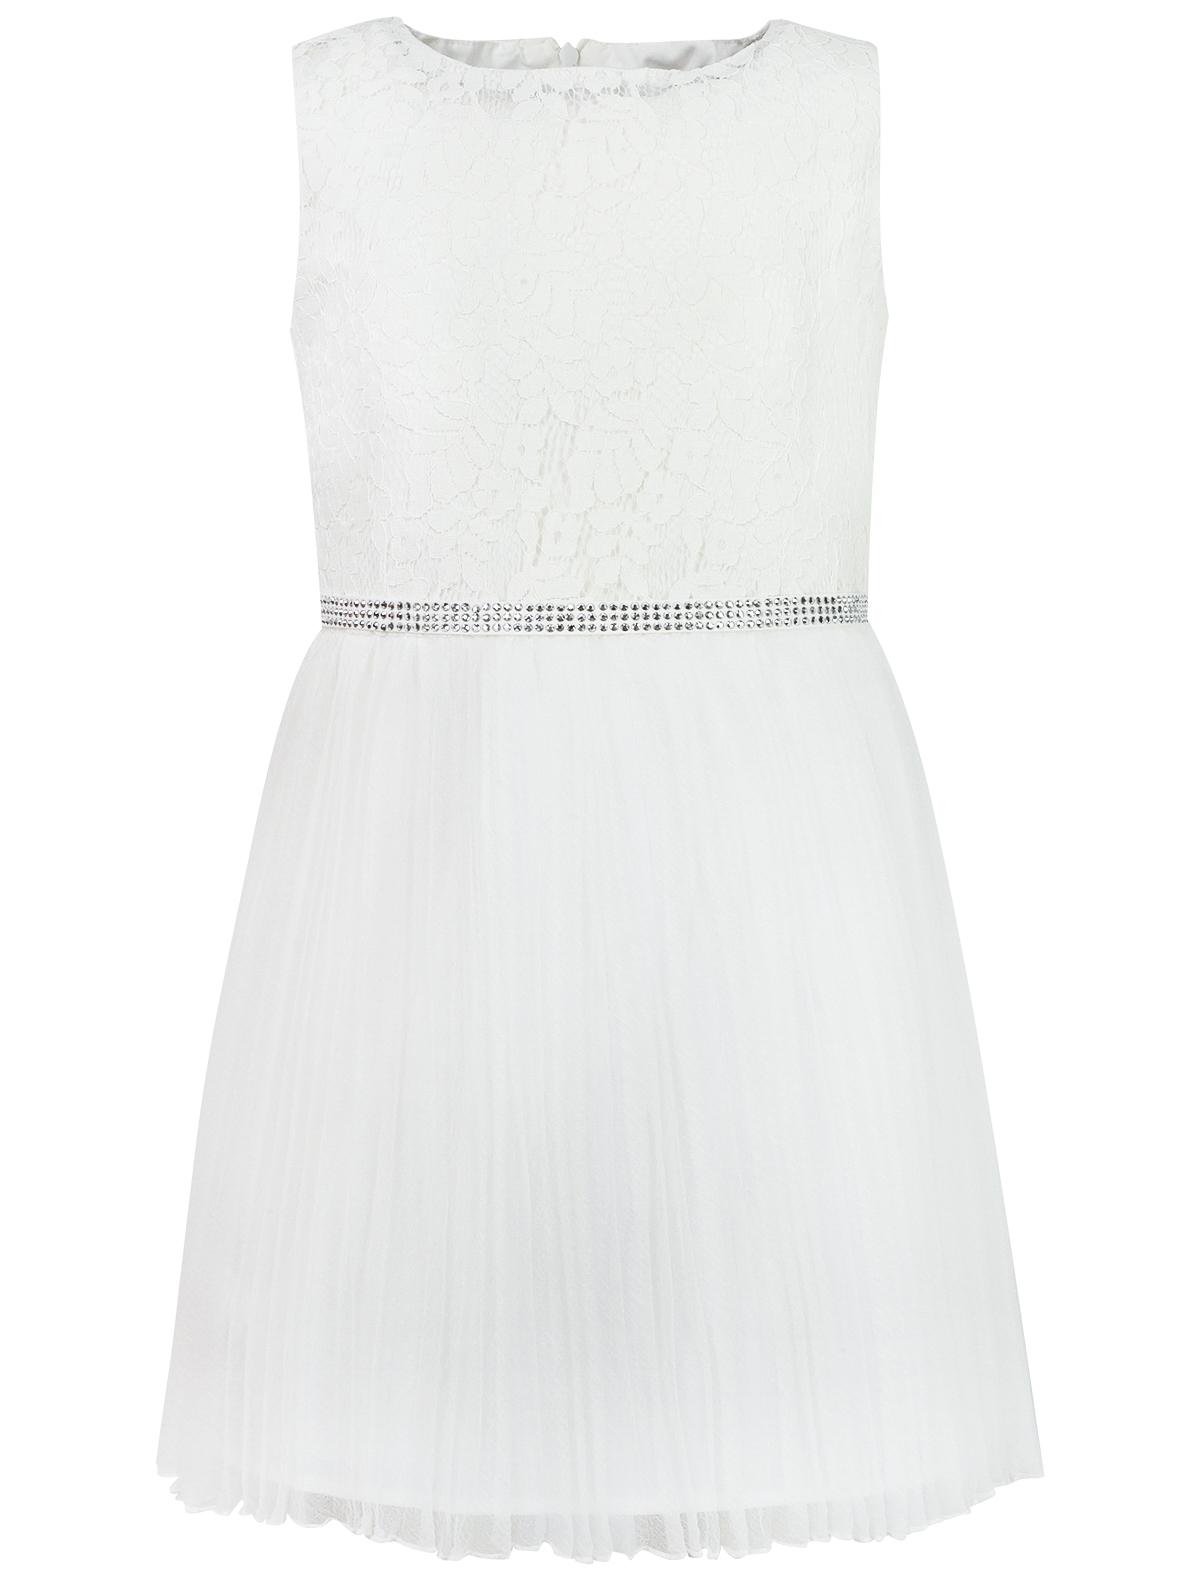 Купить 1983148, Платье Mayoral, разноцветный, Женский, 1052109970509